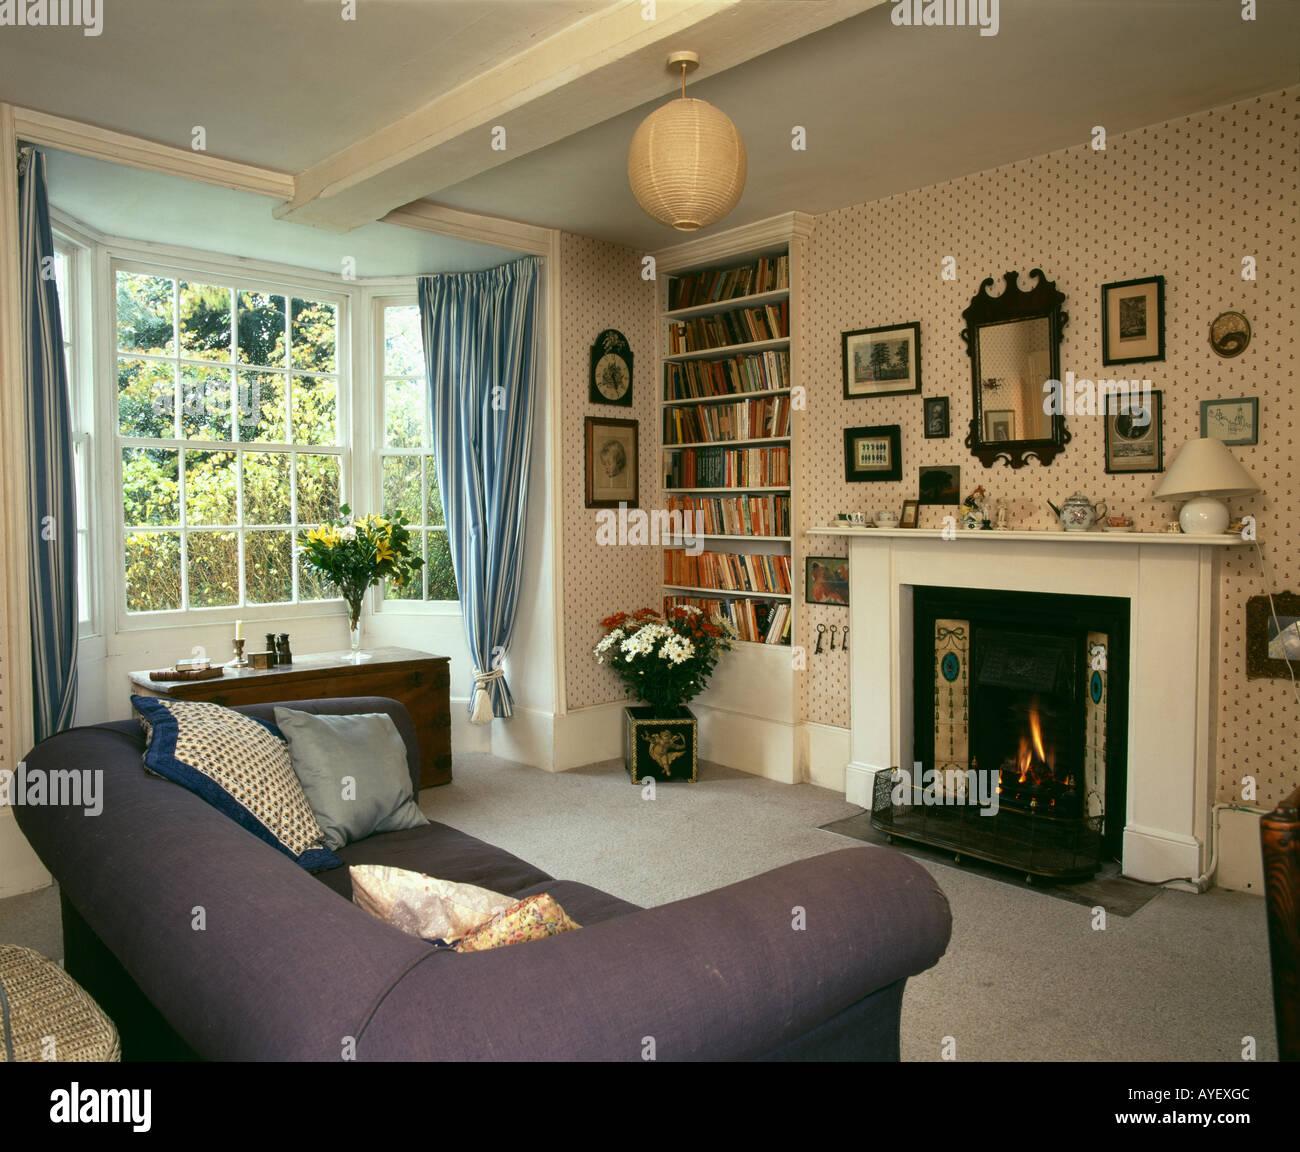 Land-Wohnzimmer mit Kamin und Ornamente, die abgehängte ...